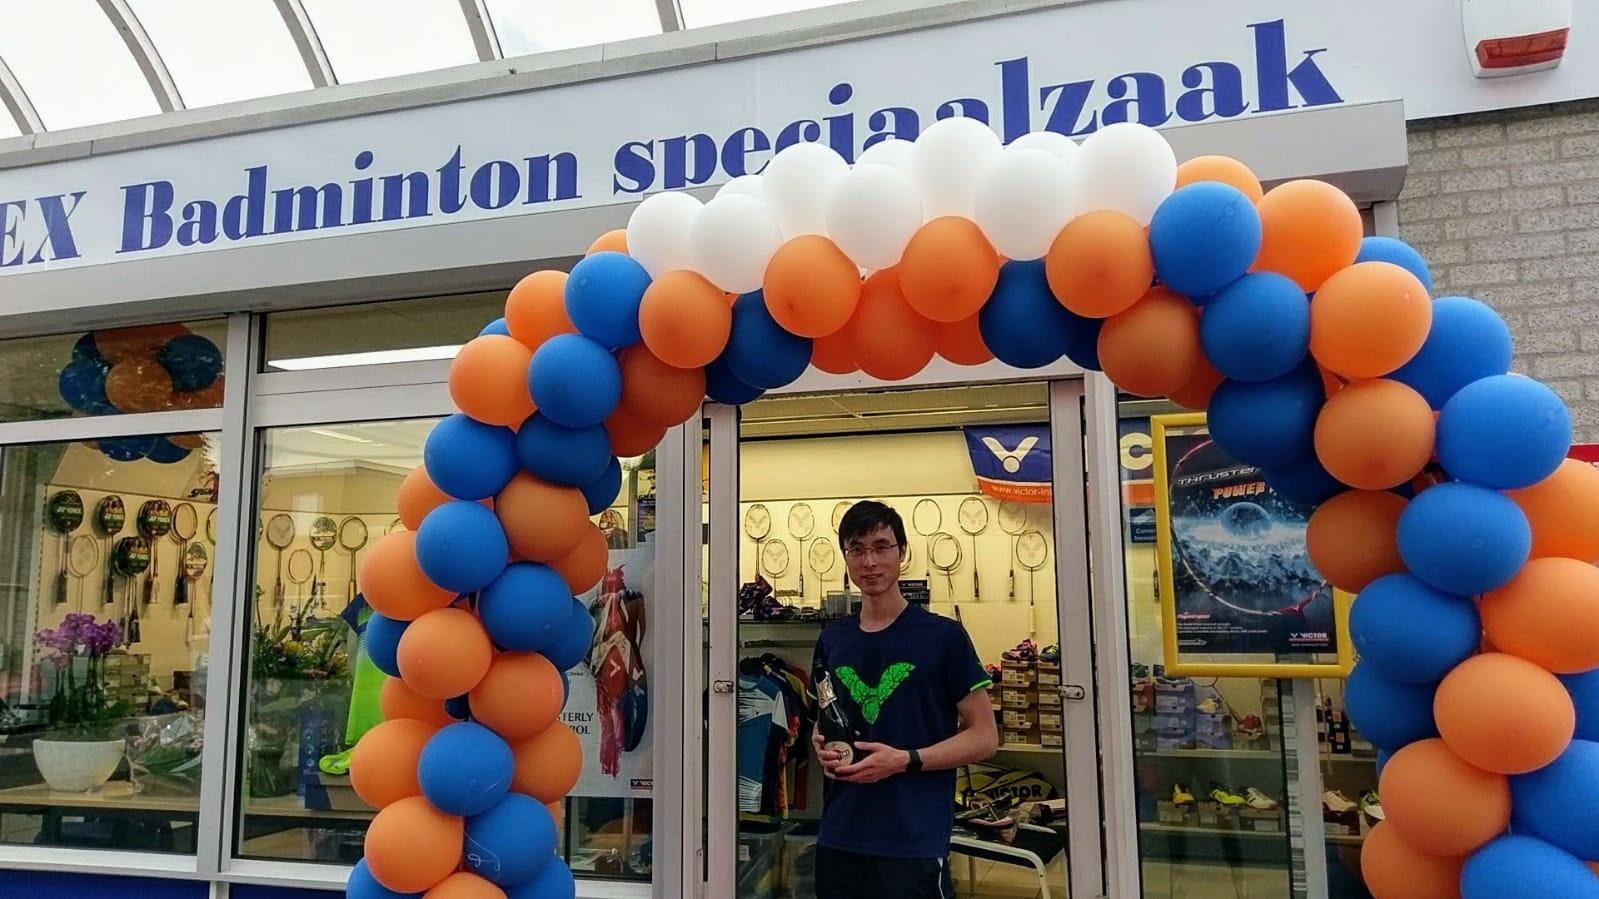 KW FLEX badminton winkel met kwok-wai